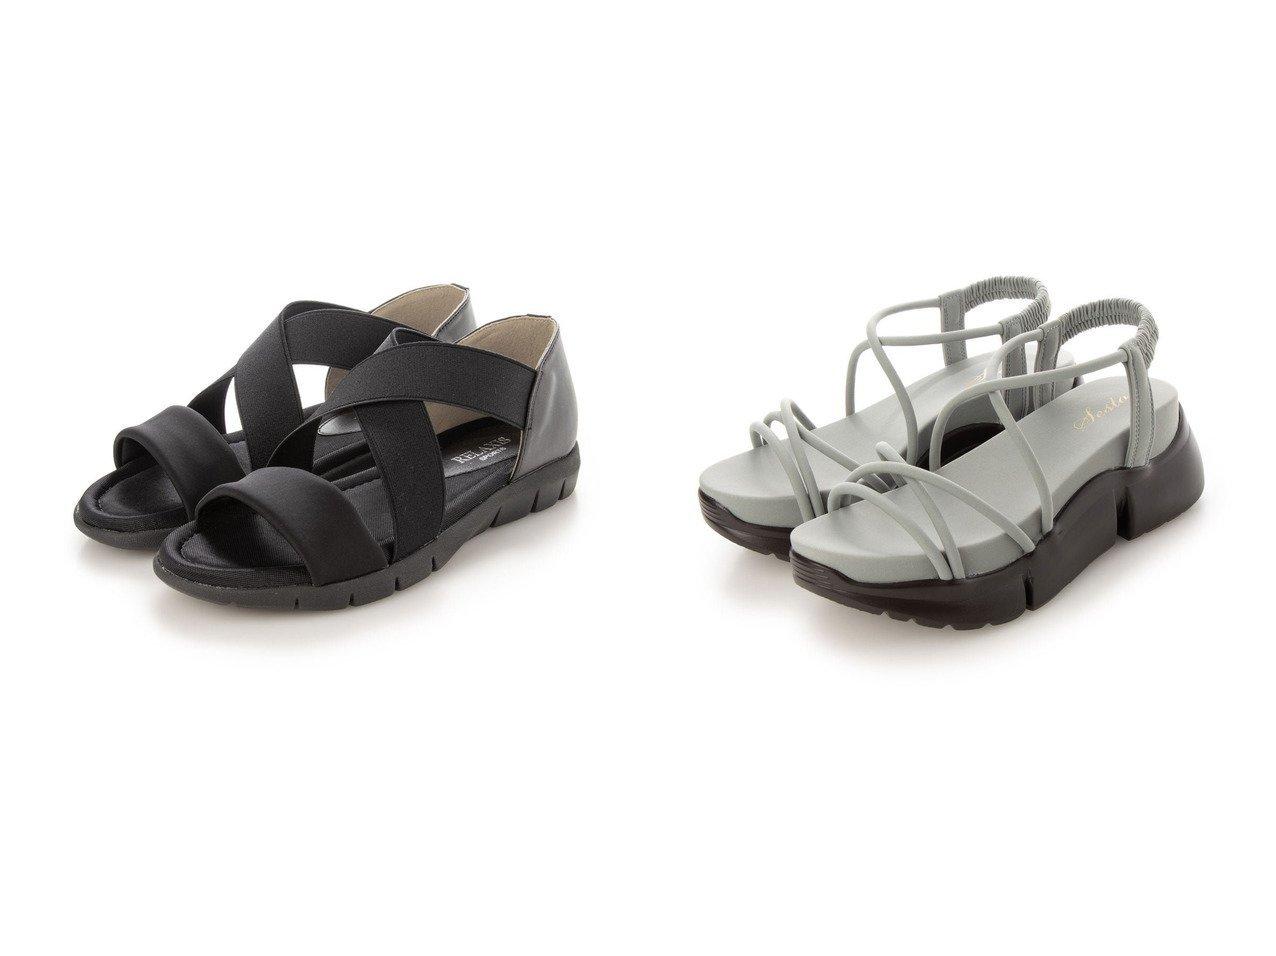 【SESTO/セスト】のコードストラップの厚底スポーツサンダル&【RELAXIS/リラクシス】の【リラクシス】クロスゴムサンダル 【シューズ・靴】おすすめ!人気、トレンド・レディースファッションの通販 おすすめで人気の流行・トレンド、ファッションの通販商品 インテリア・家具・メンズファッション・キッズファッション・レディースファッション・服の通販 founy(ファニー) https://founy.com/ ファッション Fashion レディースファッション WOMEN スポーツウェア Sportswear サンダル / ミュール Sandals 厚底 春 Spring 軽量 サンダル シューズ スポーツ スポーティ トレンド フォルム フラット モダン ラップ レース 楽ちん 2021年 2021 S/S・春夏 SS・Spring/Summer 2021春夏・S/S SS/Spring/Summer/2021 プチプライス・低価格 Affordable おすすめ Recommend |ID:crp329100000045163